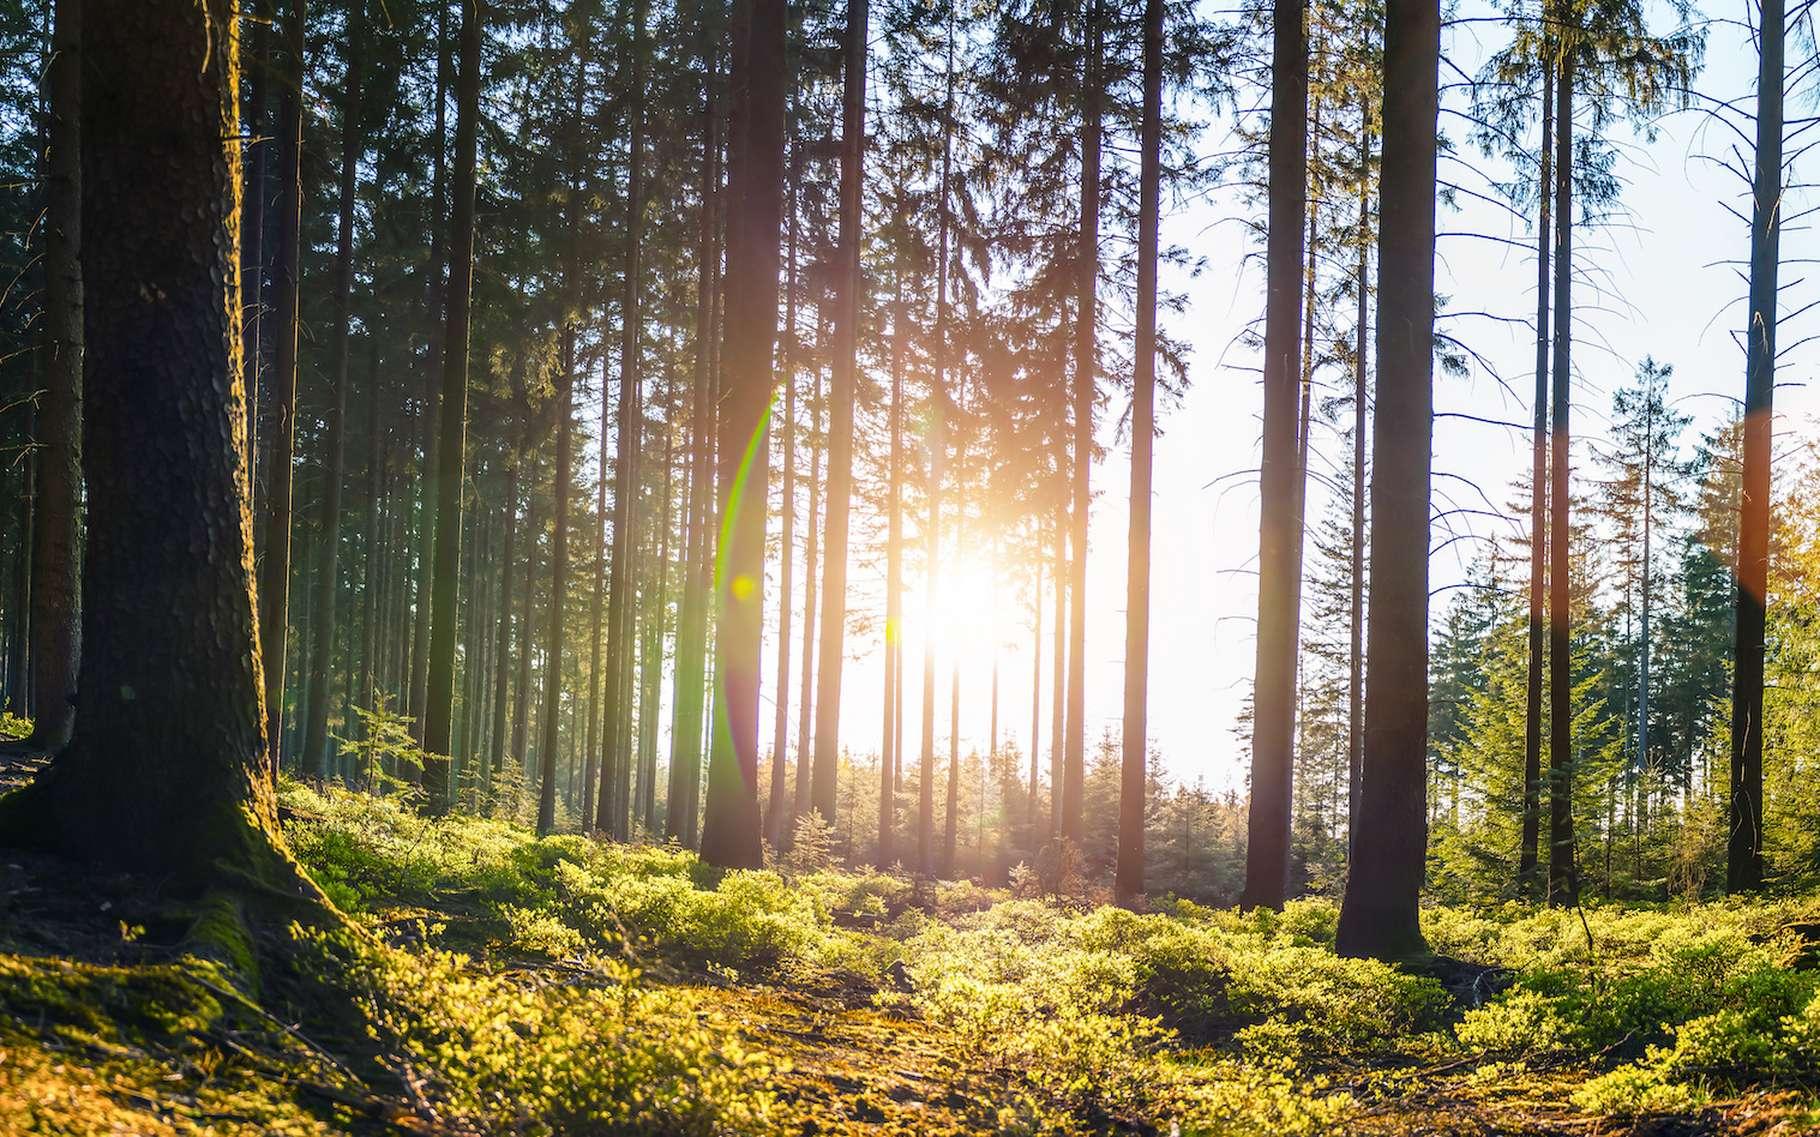 Des chercheurs de l'université de l'État de l'Oregon (États-Unis) ont étudié la capacité des forêts à limiter le réchauffement climatique. Leur aptitude à y résister aussi. Et à constituer un refuge de la biodiversité. Certaines forêts de l'ouest des États-Unis sortent du lot. © AA+W, Adobe Stock